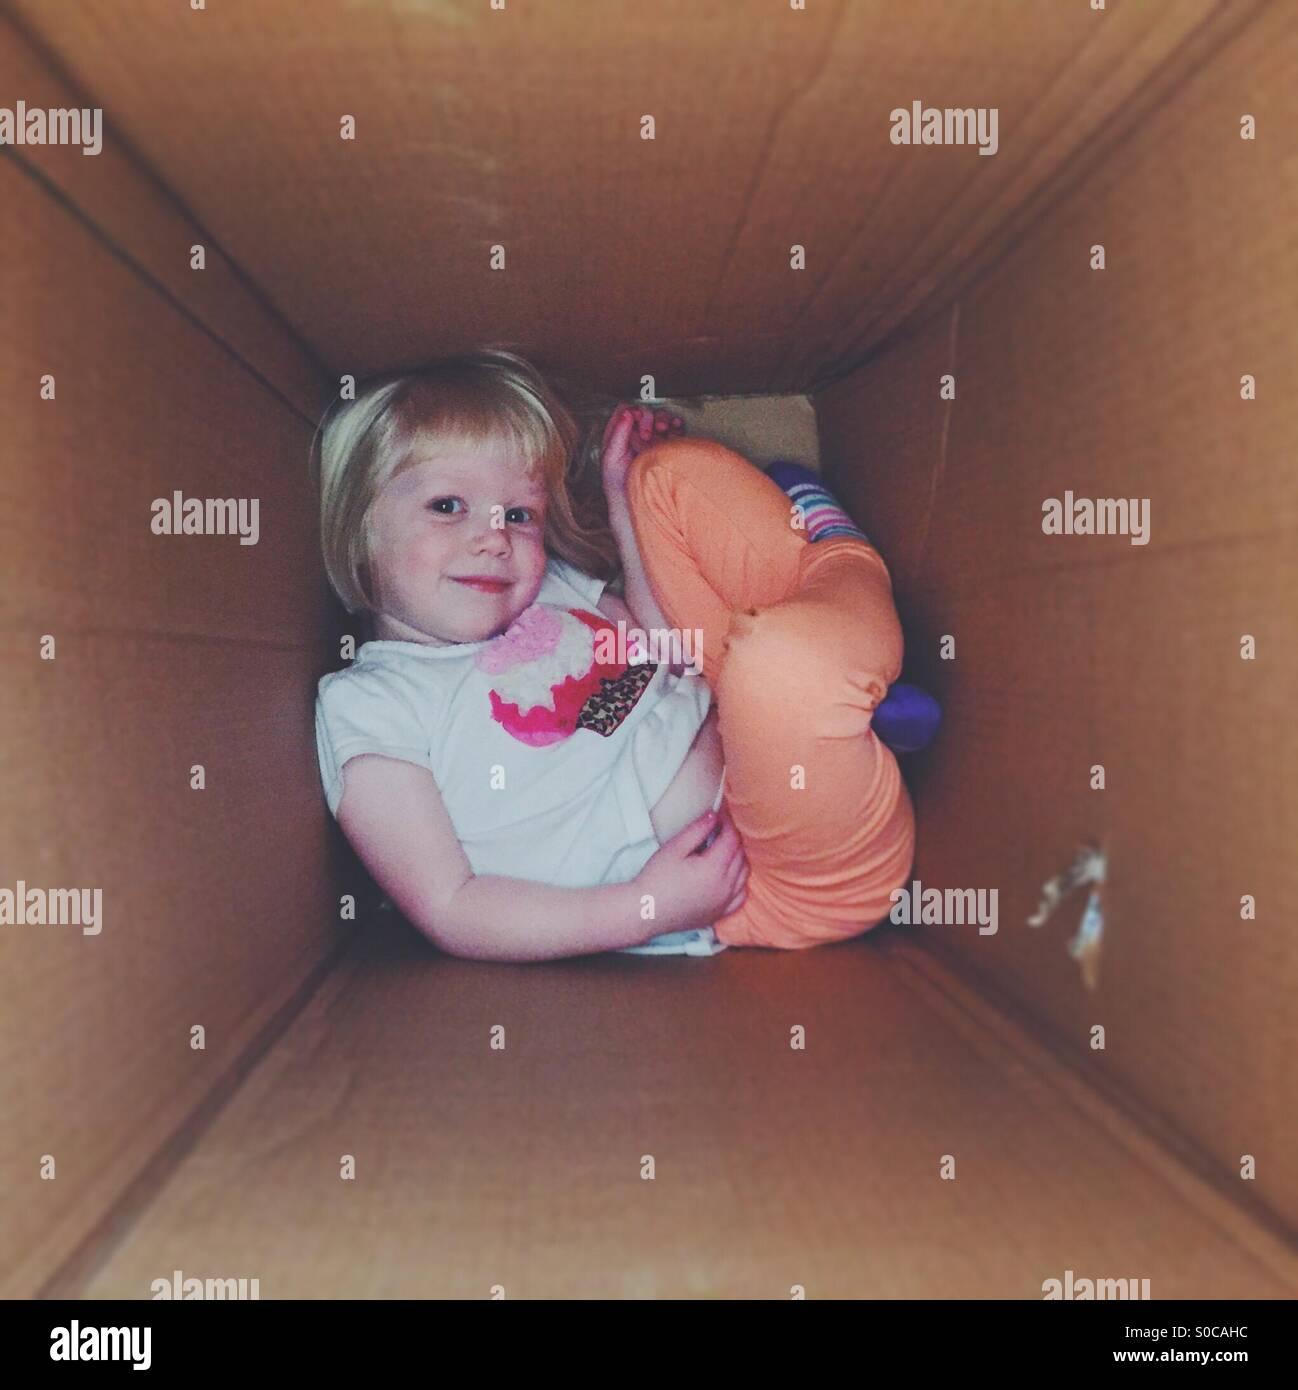 Junge blonde Mädchen Lächeln und posieren während des Spielens in einem großen Karton. Stockbild